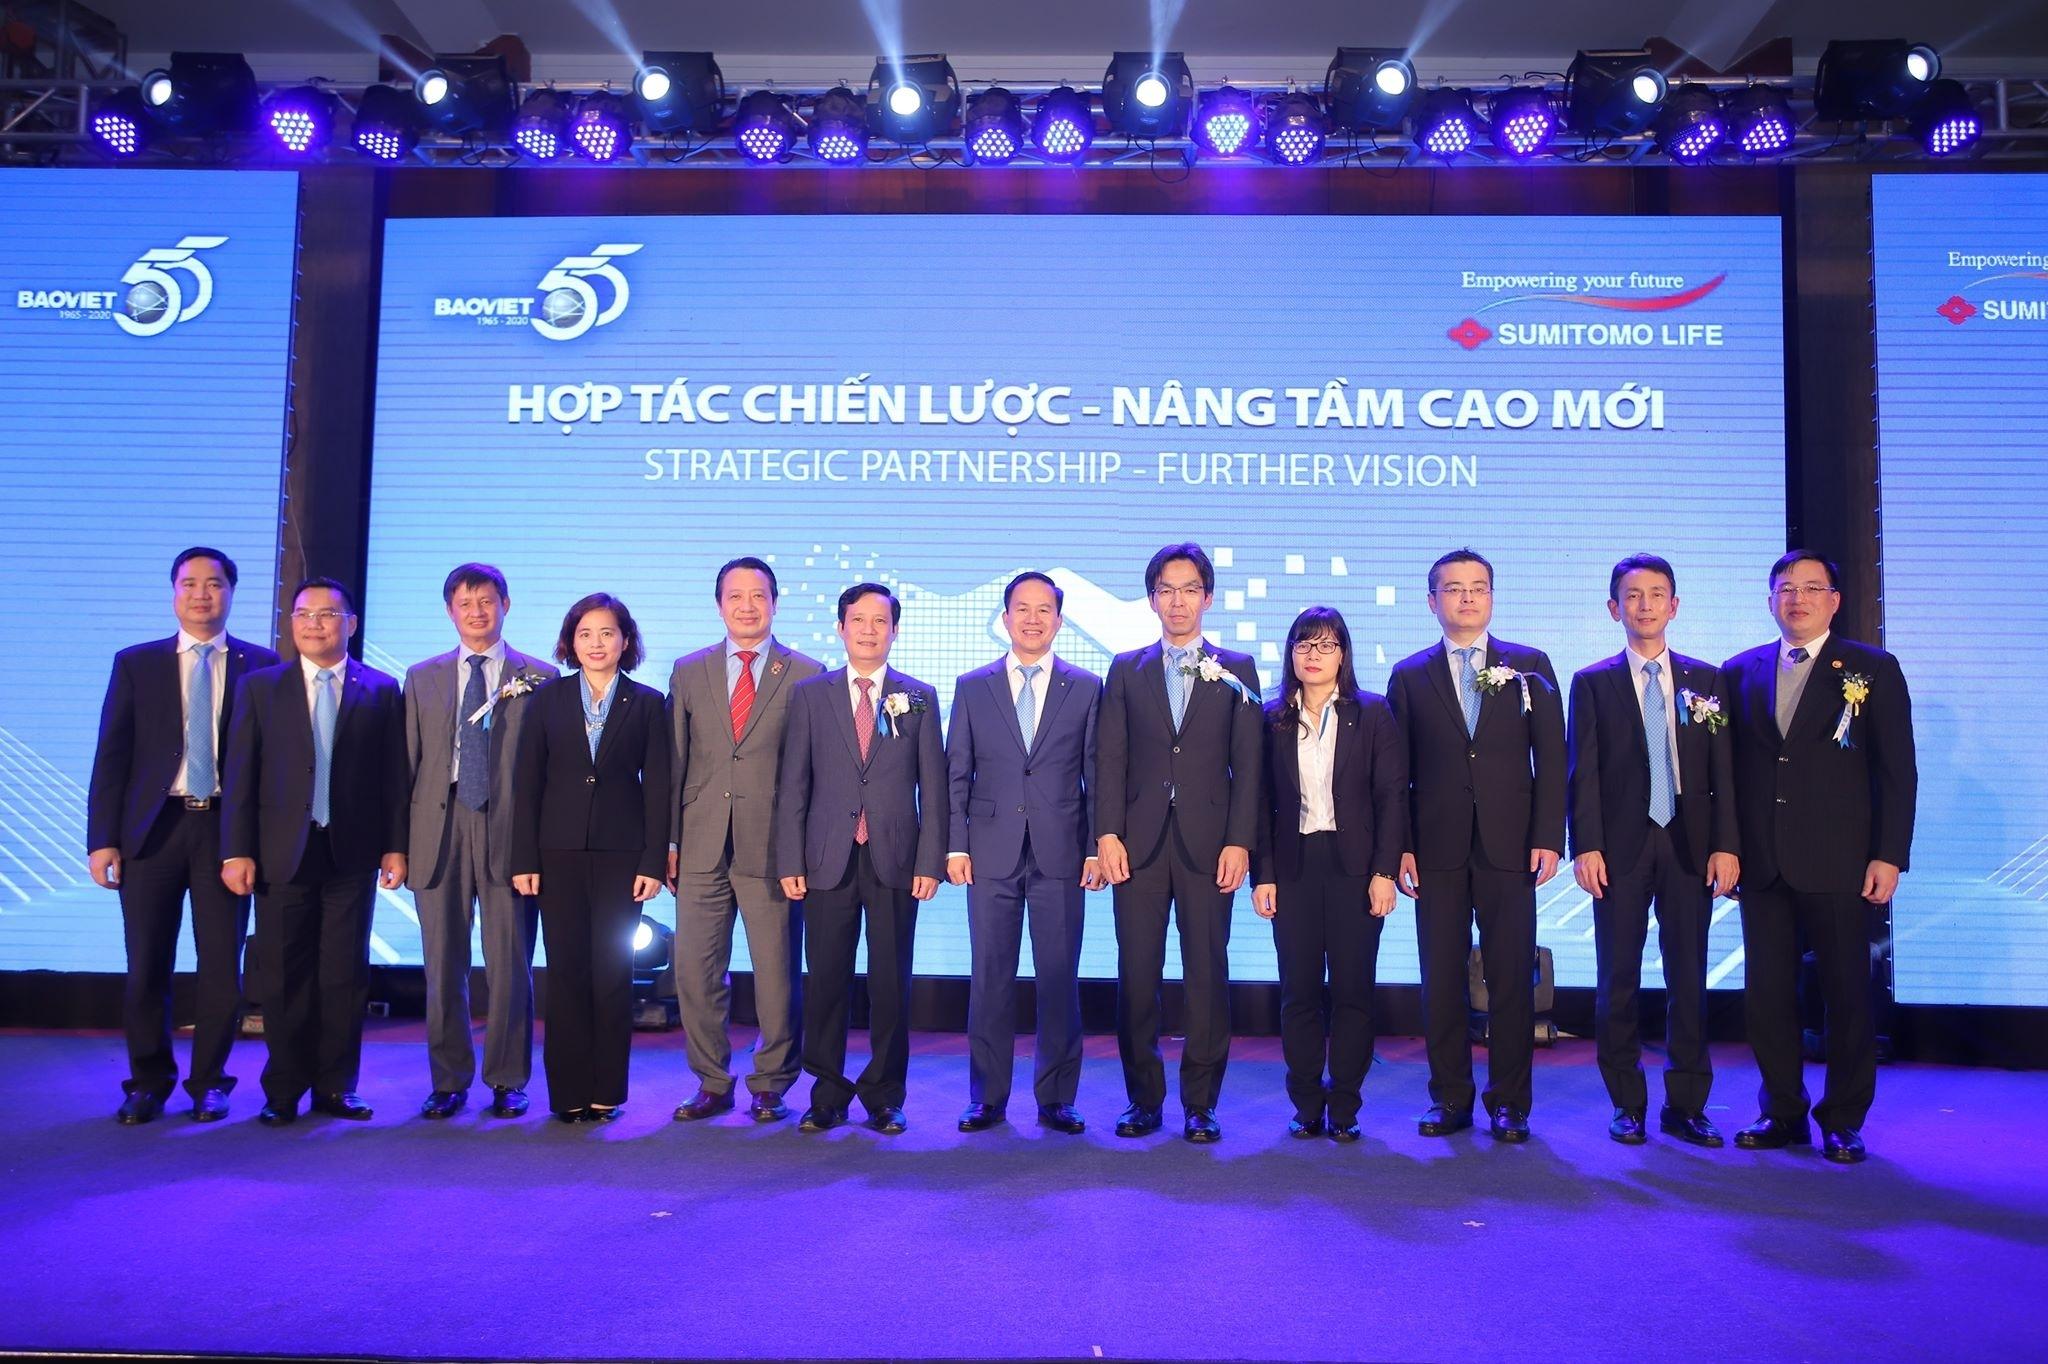 Bảo Việt - Sumitomo Life: Thương vụ đầu tư và M&A tiêu biểu Việt Nam 2019-2020